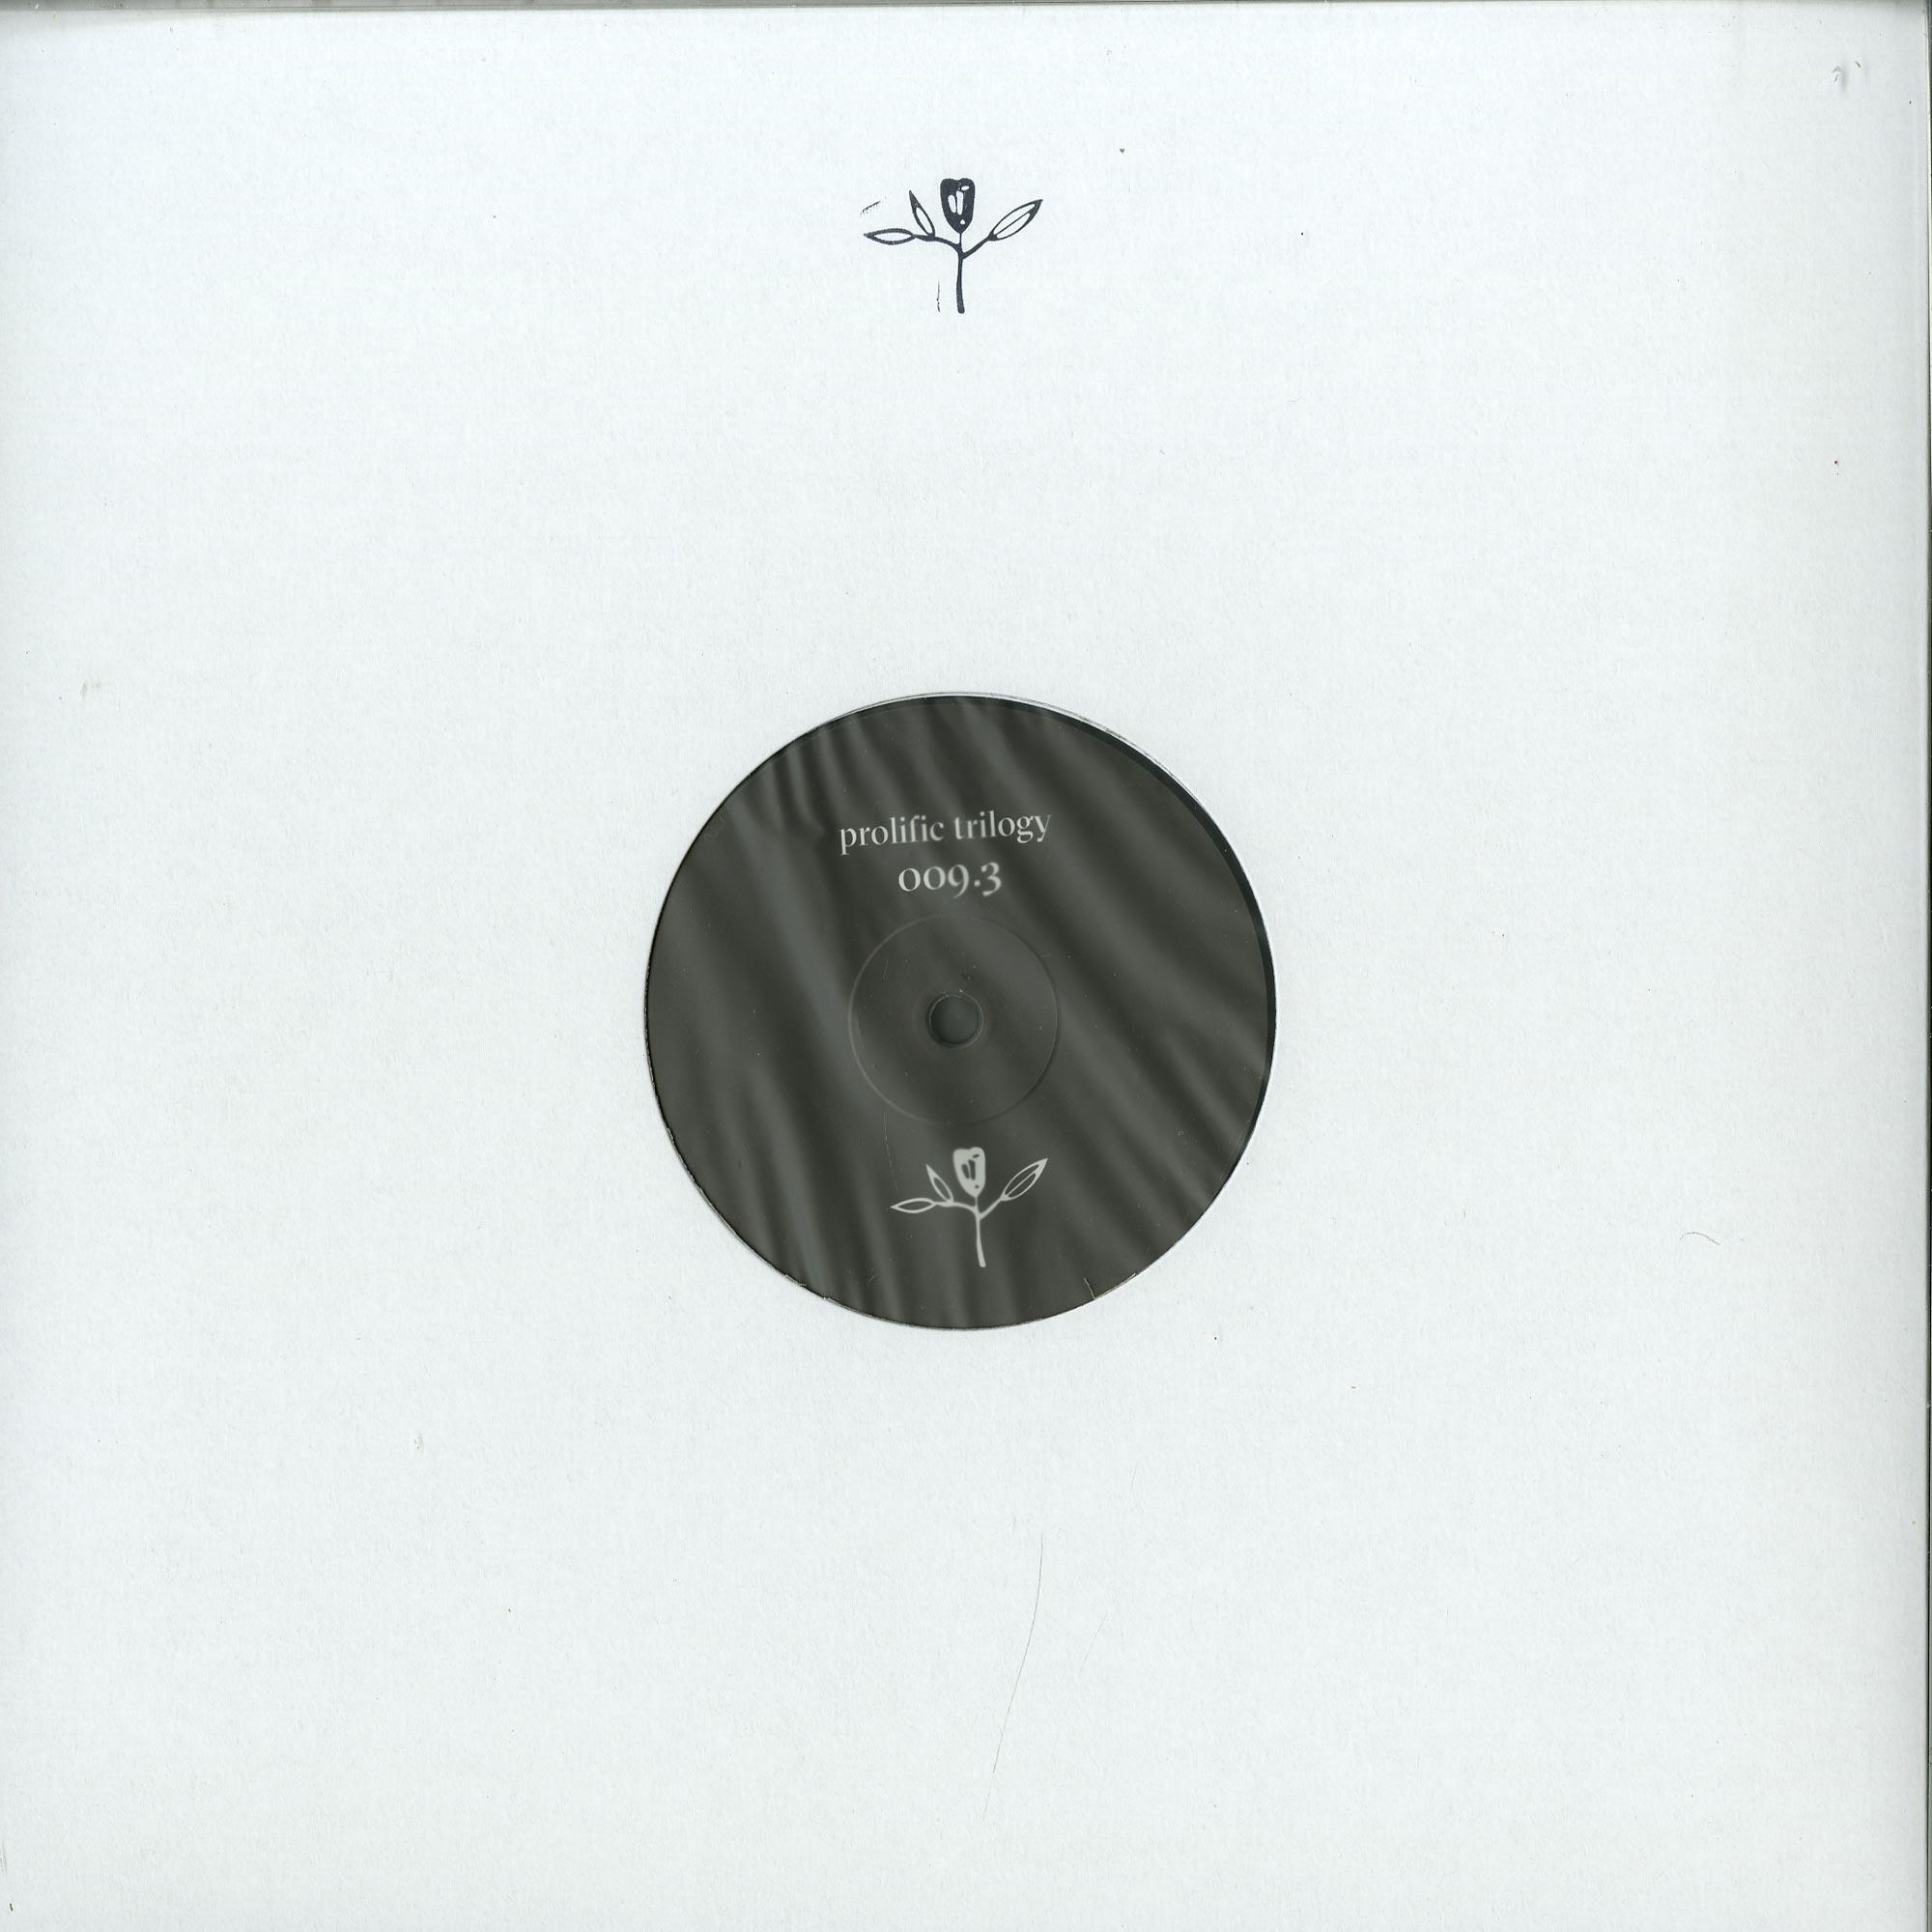 S.A.M. - PROLIFIC TRILOGY 009.3